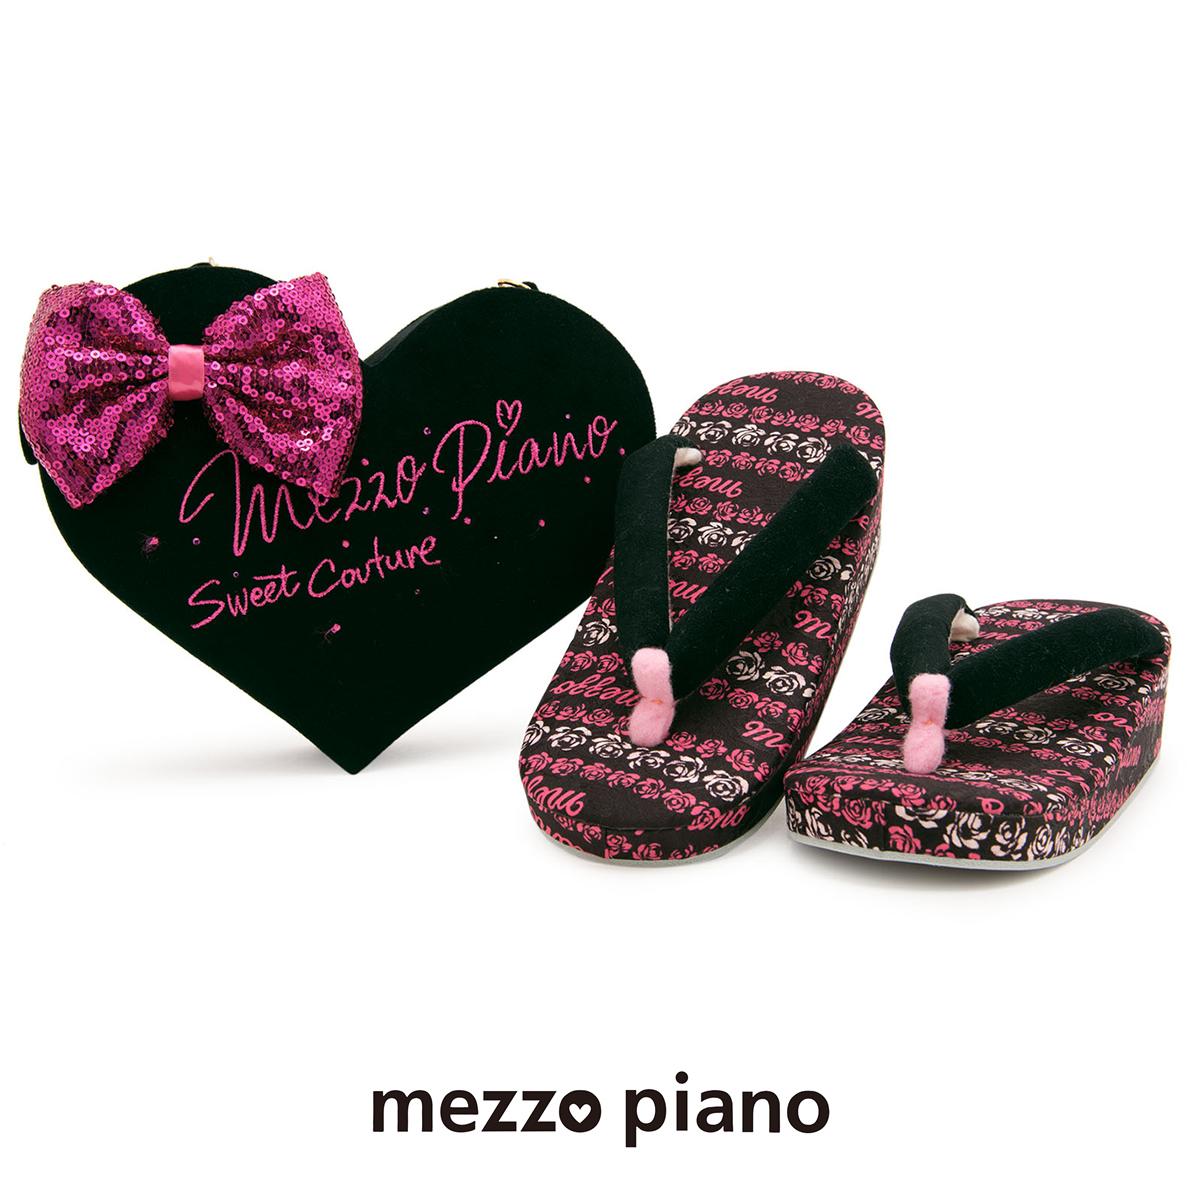 草履バッグセット 七五三 Mezzo Piano(メゾピアノ) ピンク 黒 ブラック ハート リボン スパンコール ラインストーン ラメ 7歳 7才 和装小物 キッズ 女の子 日本製【あす楽対応】【送料無料】